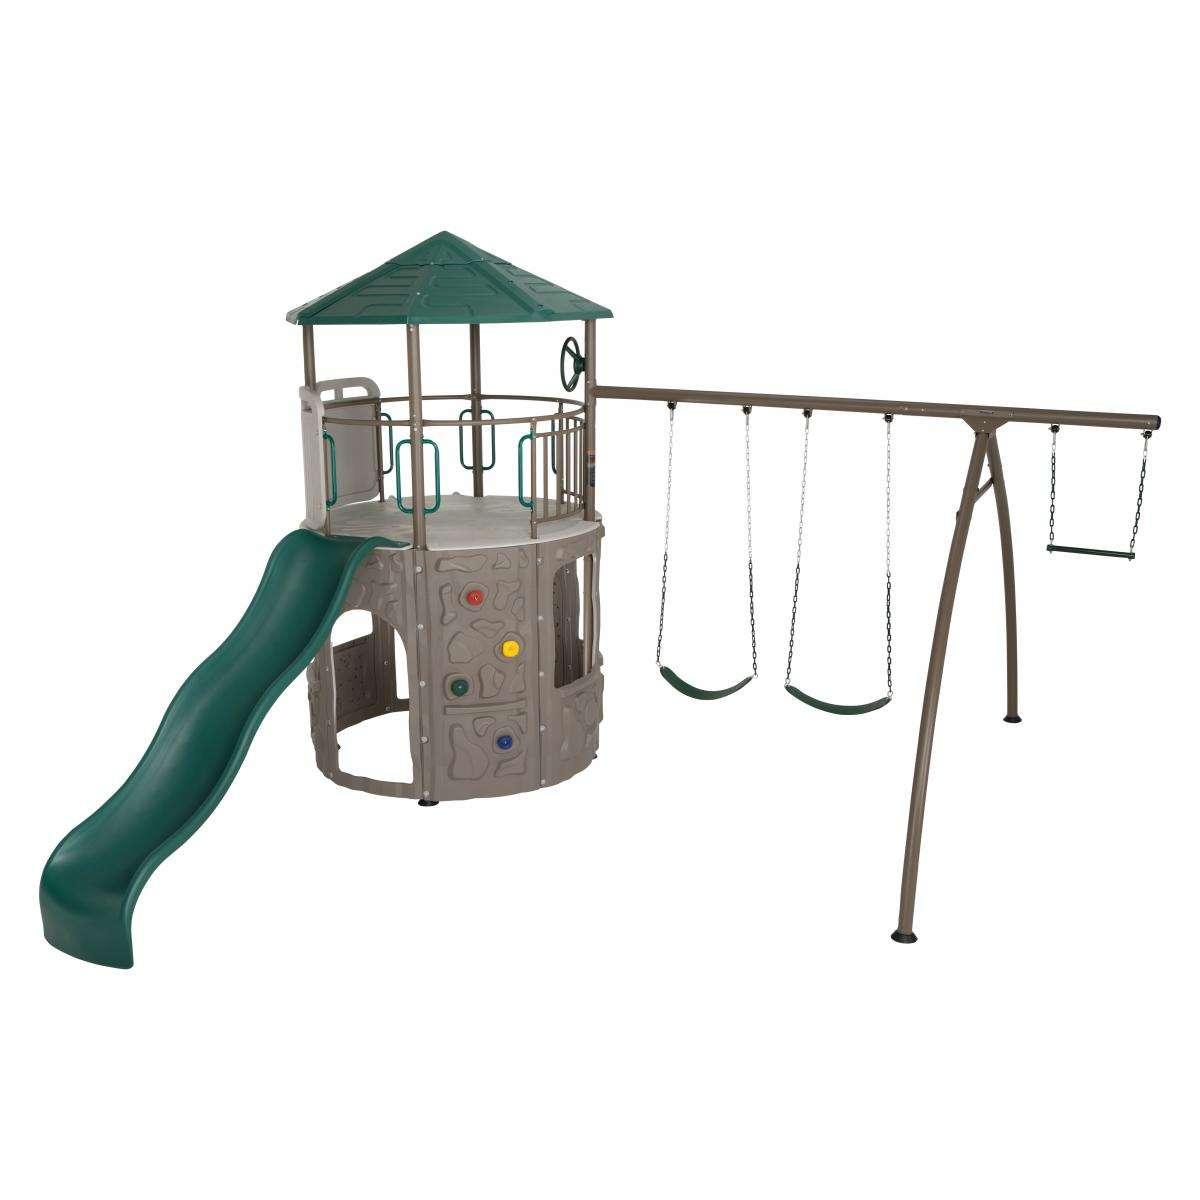 1 highres Lifetime Spielturm und Kletterpara s 1280x1280 2x